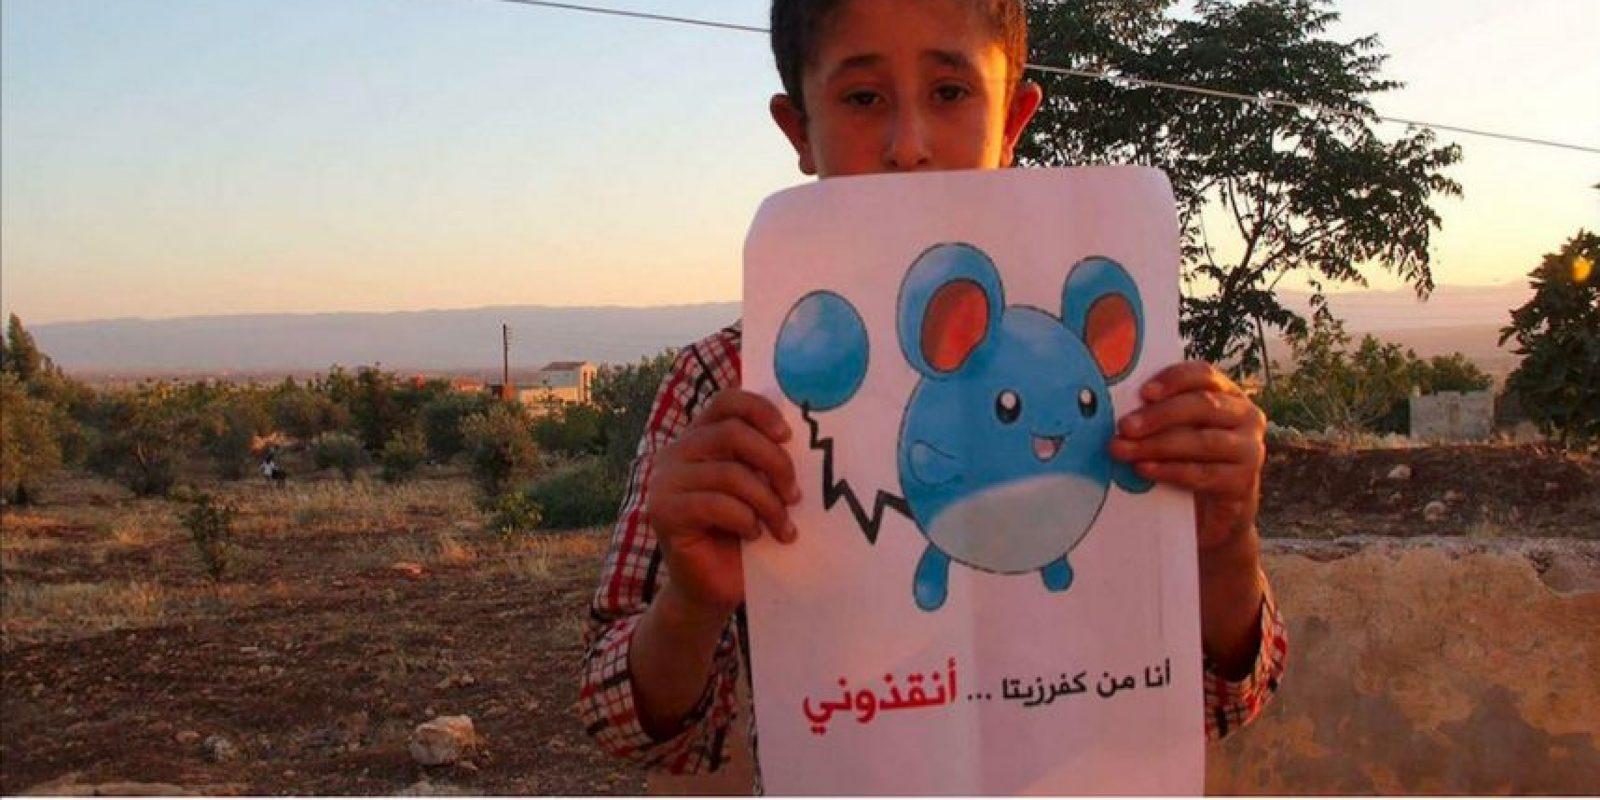 La UNICEF calcula que unos 8.4 millones de menores se han visto afectados por la guerra. Foto:Twitter @RFS_mediaoffice. Imagen Por: